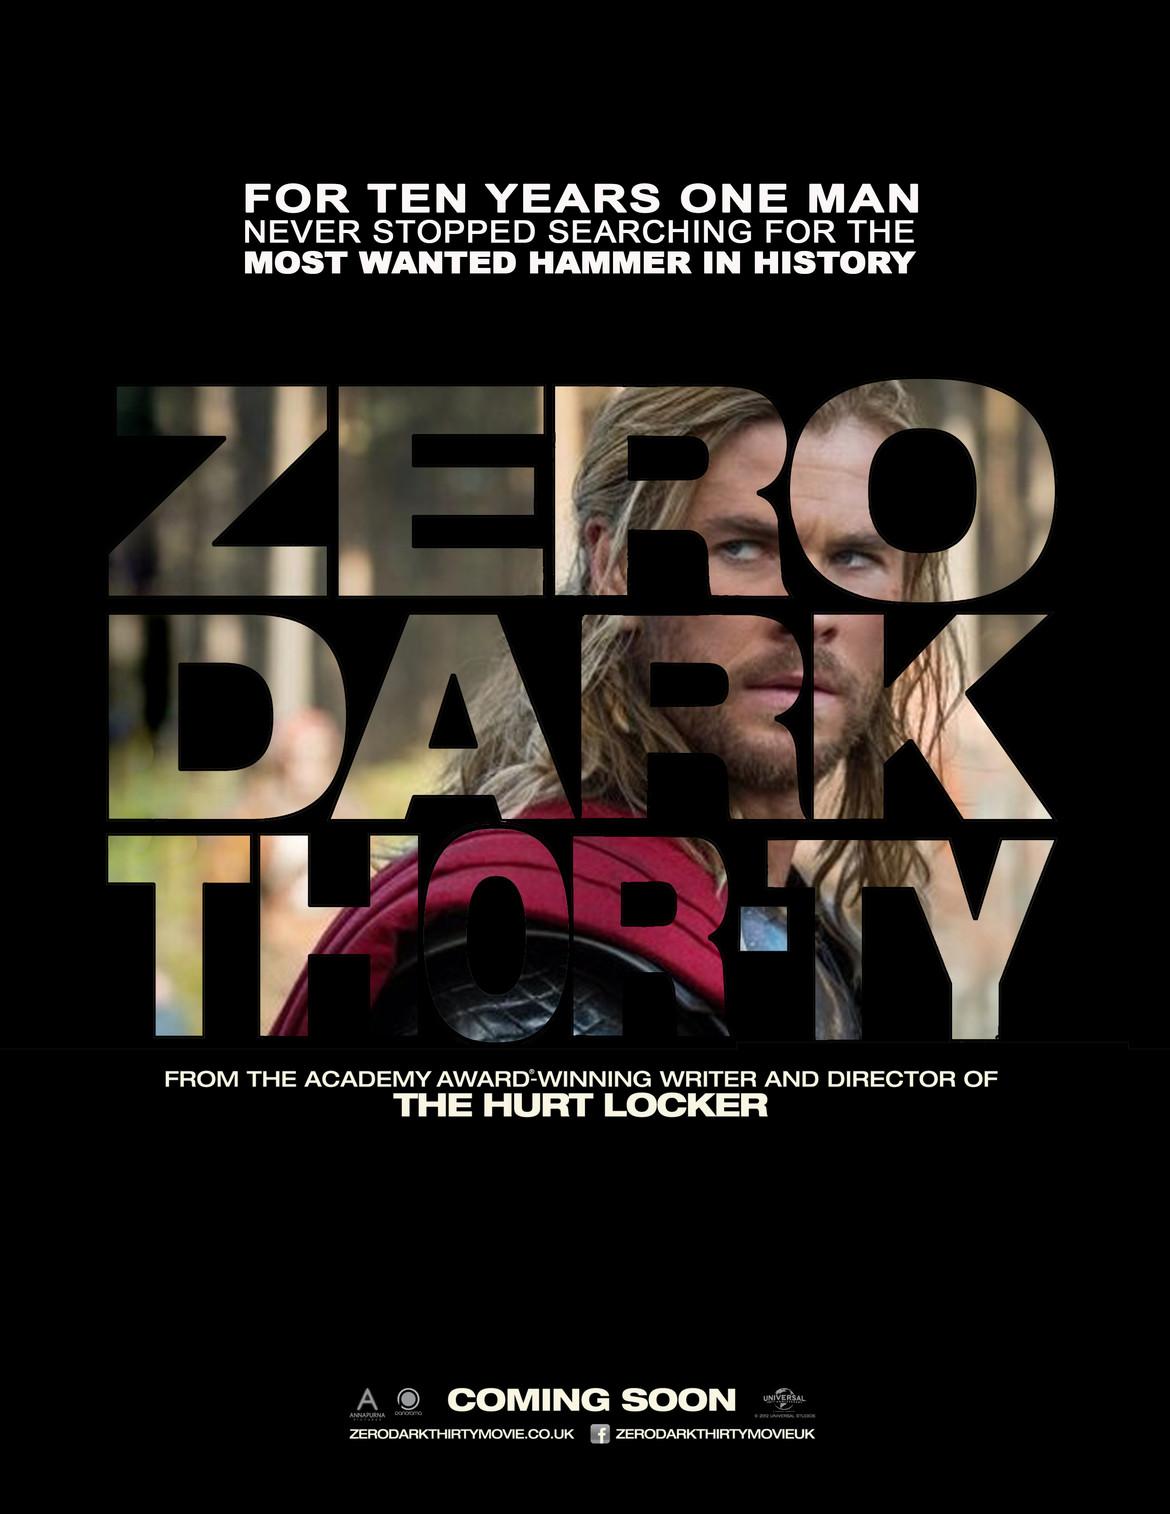 Zero dark thorty.jpg